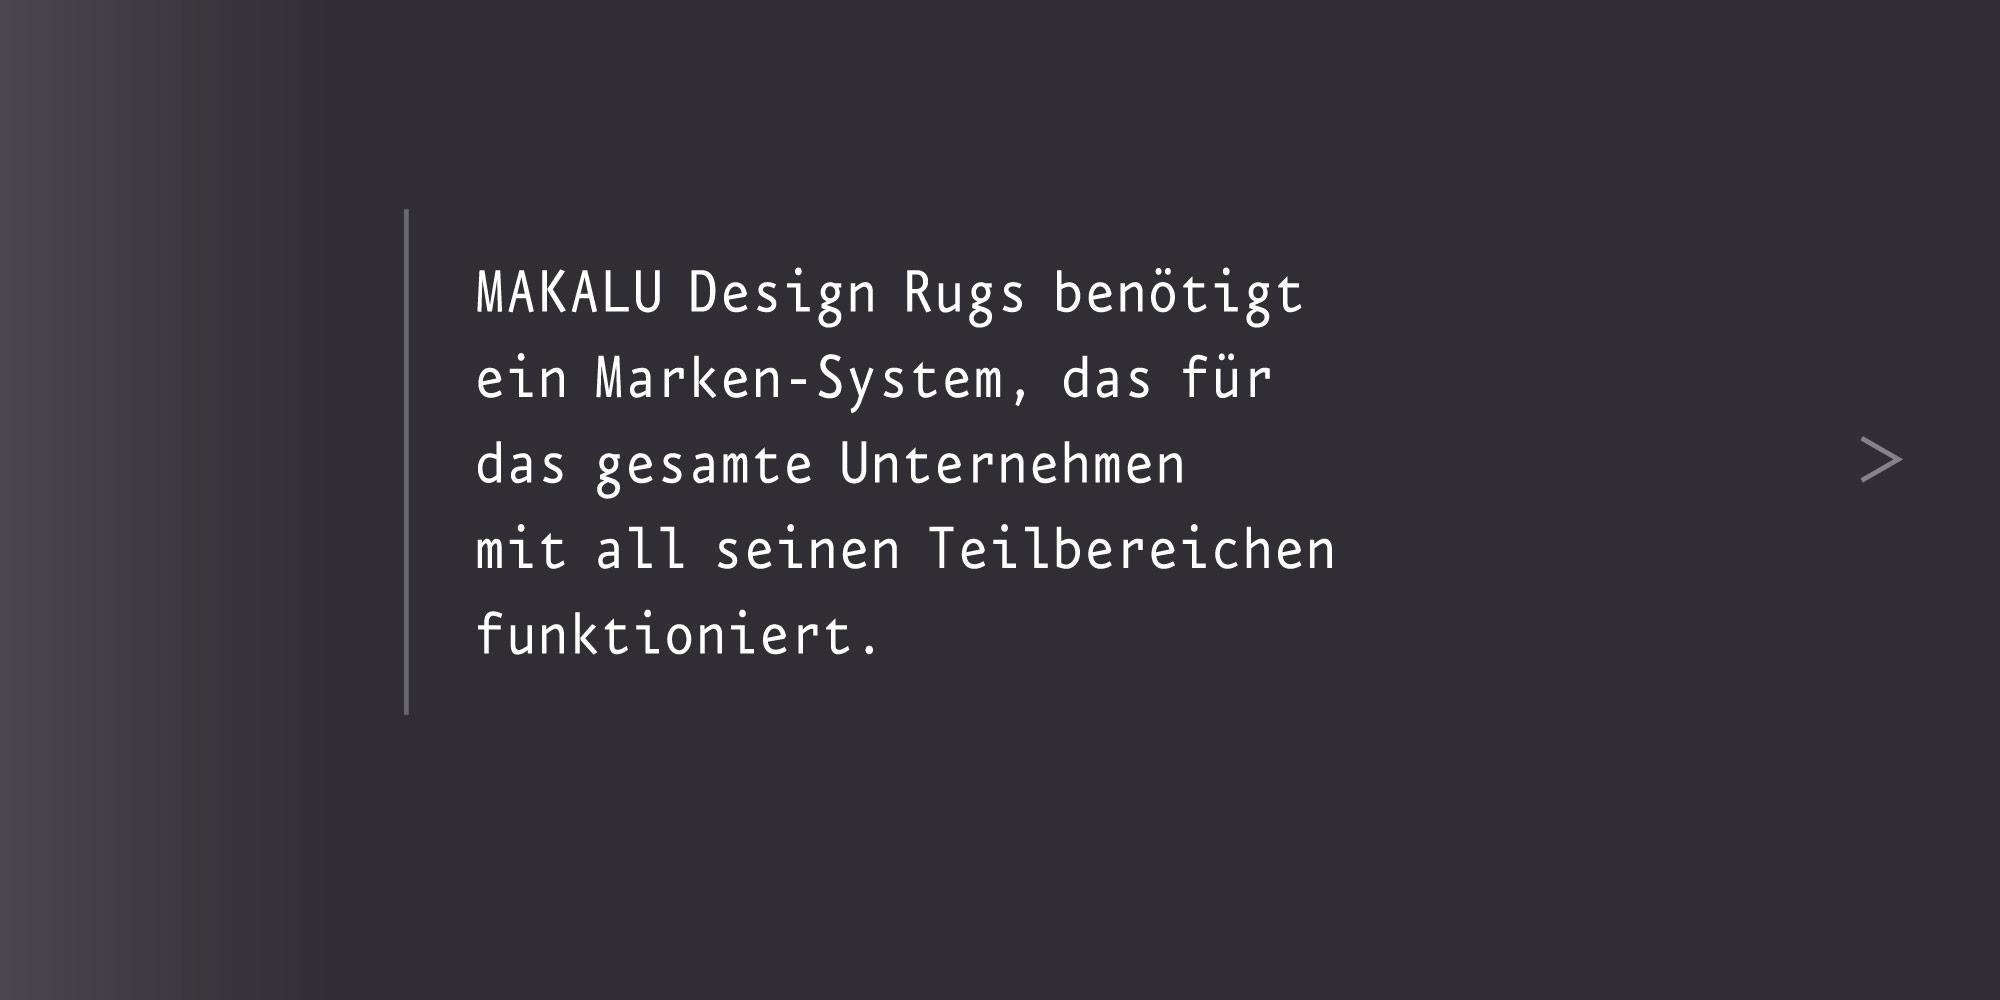 Marken-System Makalu Teppiche Dachmarke und Dachmarkenstrategie